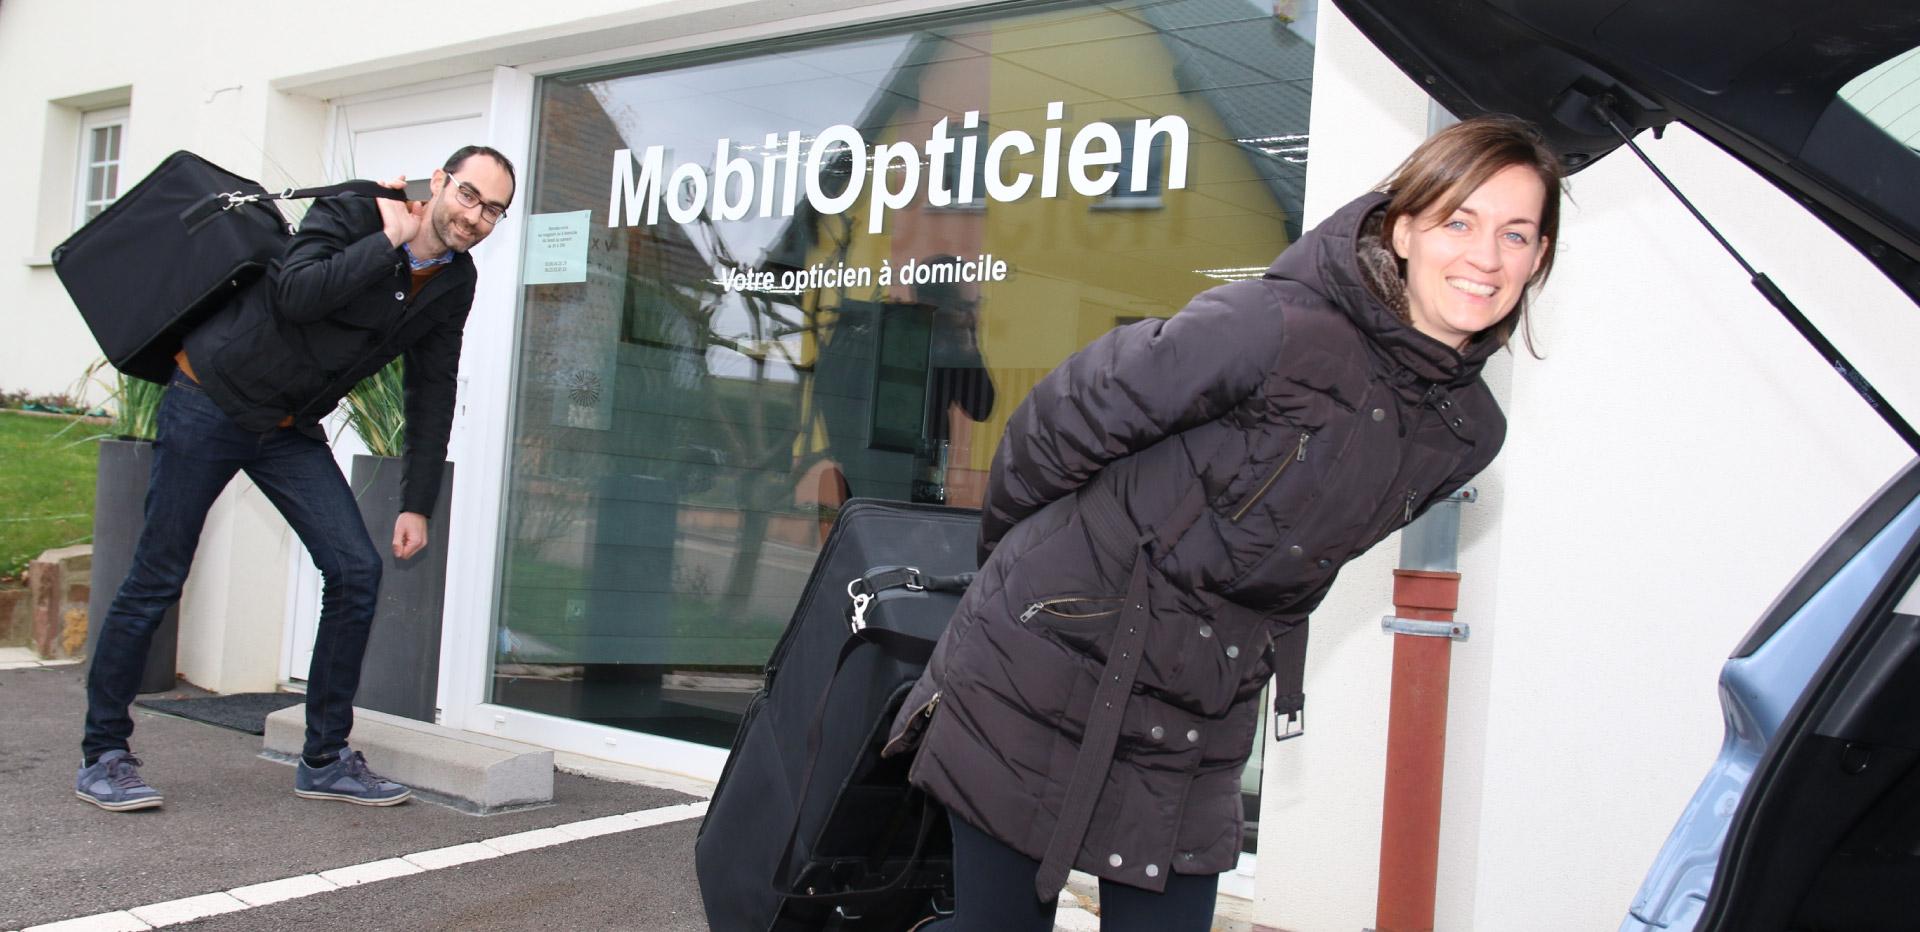 mobilopticien-chez-nous-1